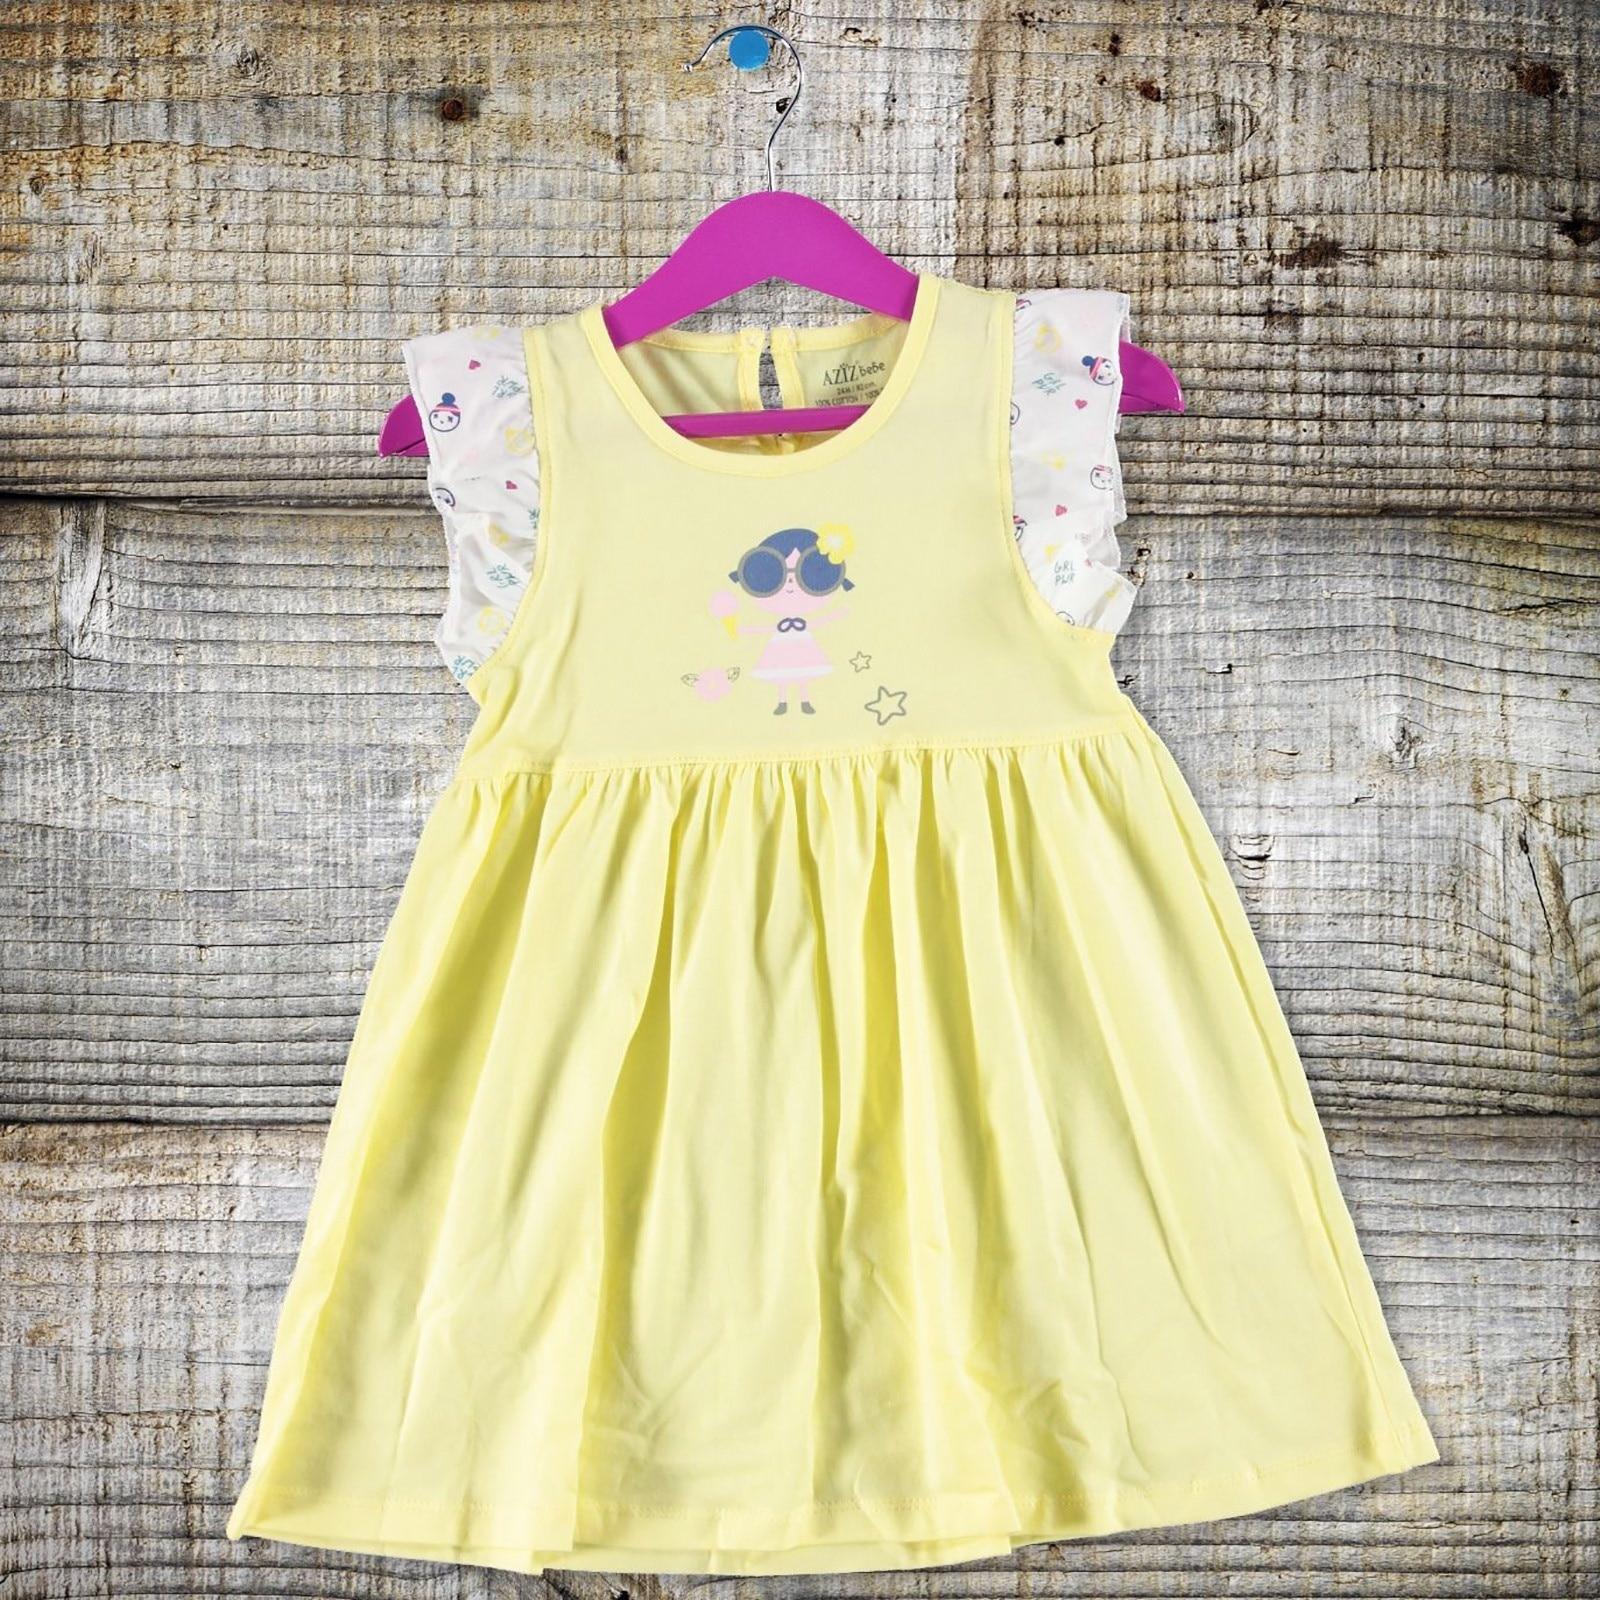 Ebebek Aziz Bebe Baby Girl Ruffled Dress